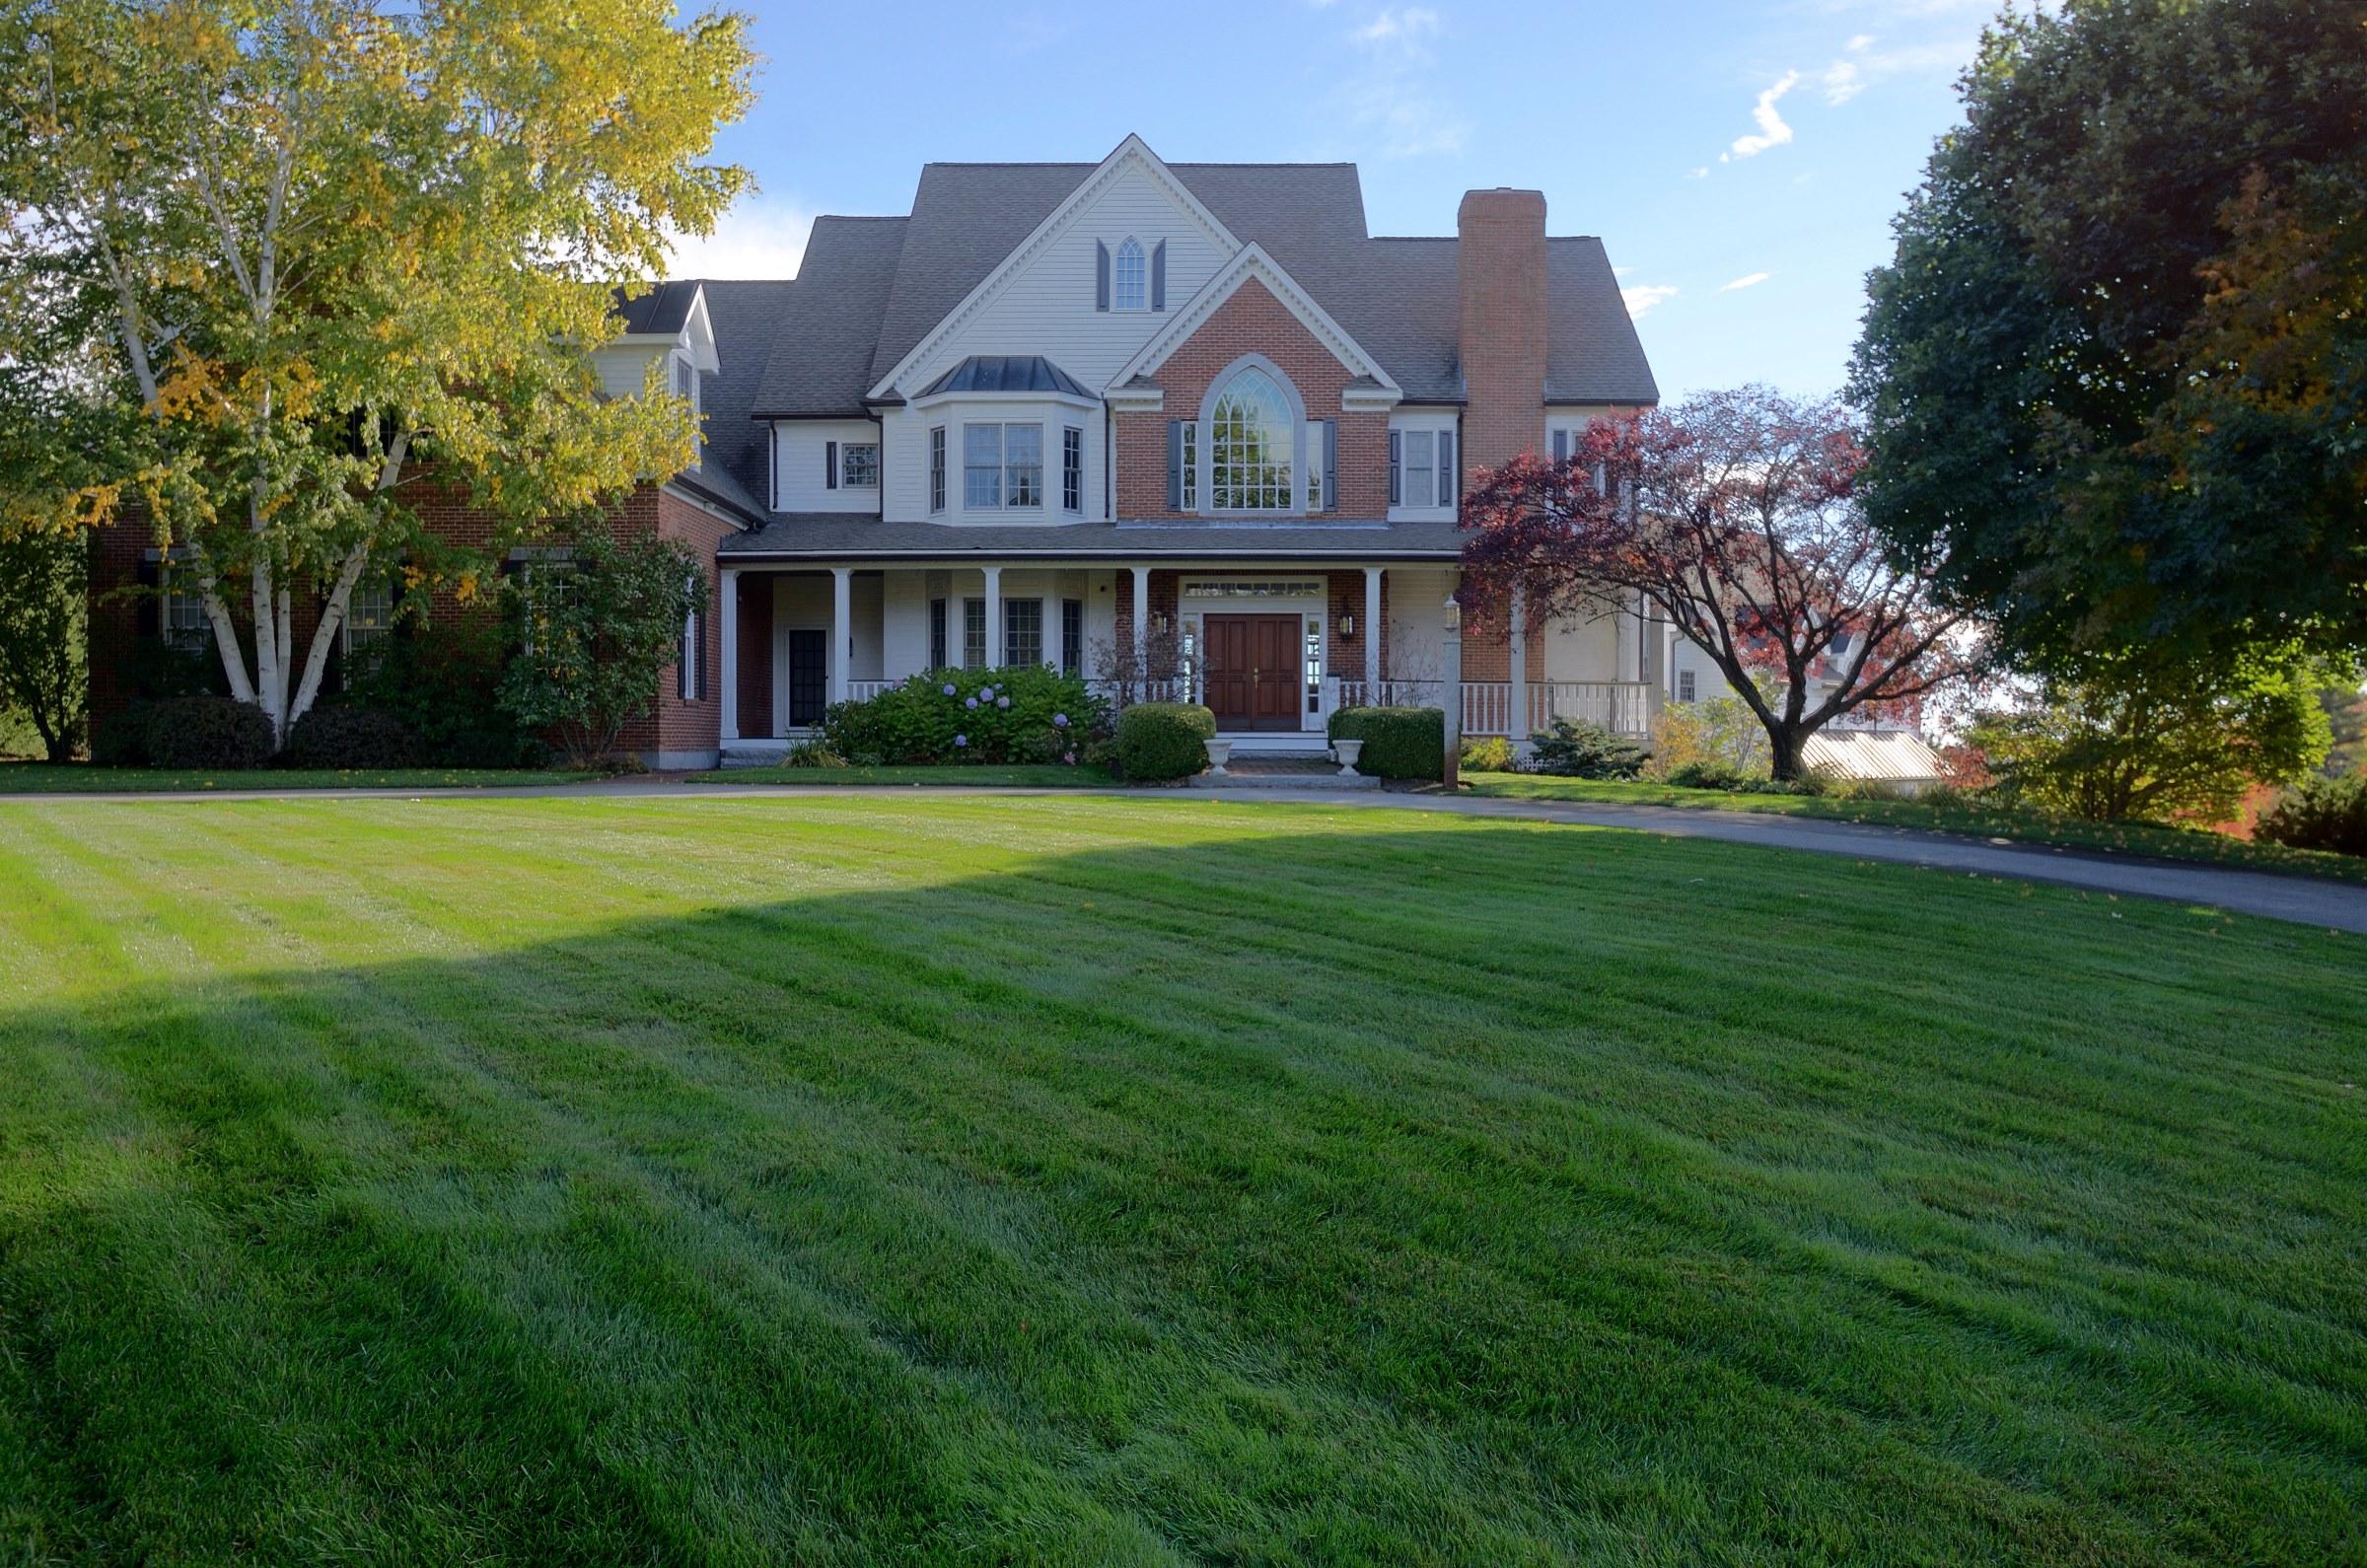 独户住宅 为 销售 在 1 Fellows Farm, Amherst 1 Fellows Farm Rd Amherst, 新罕布什尔州, 03031 美国